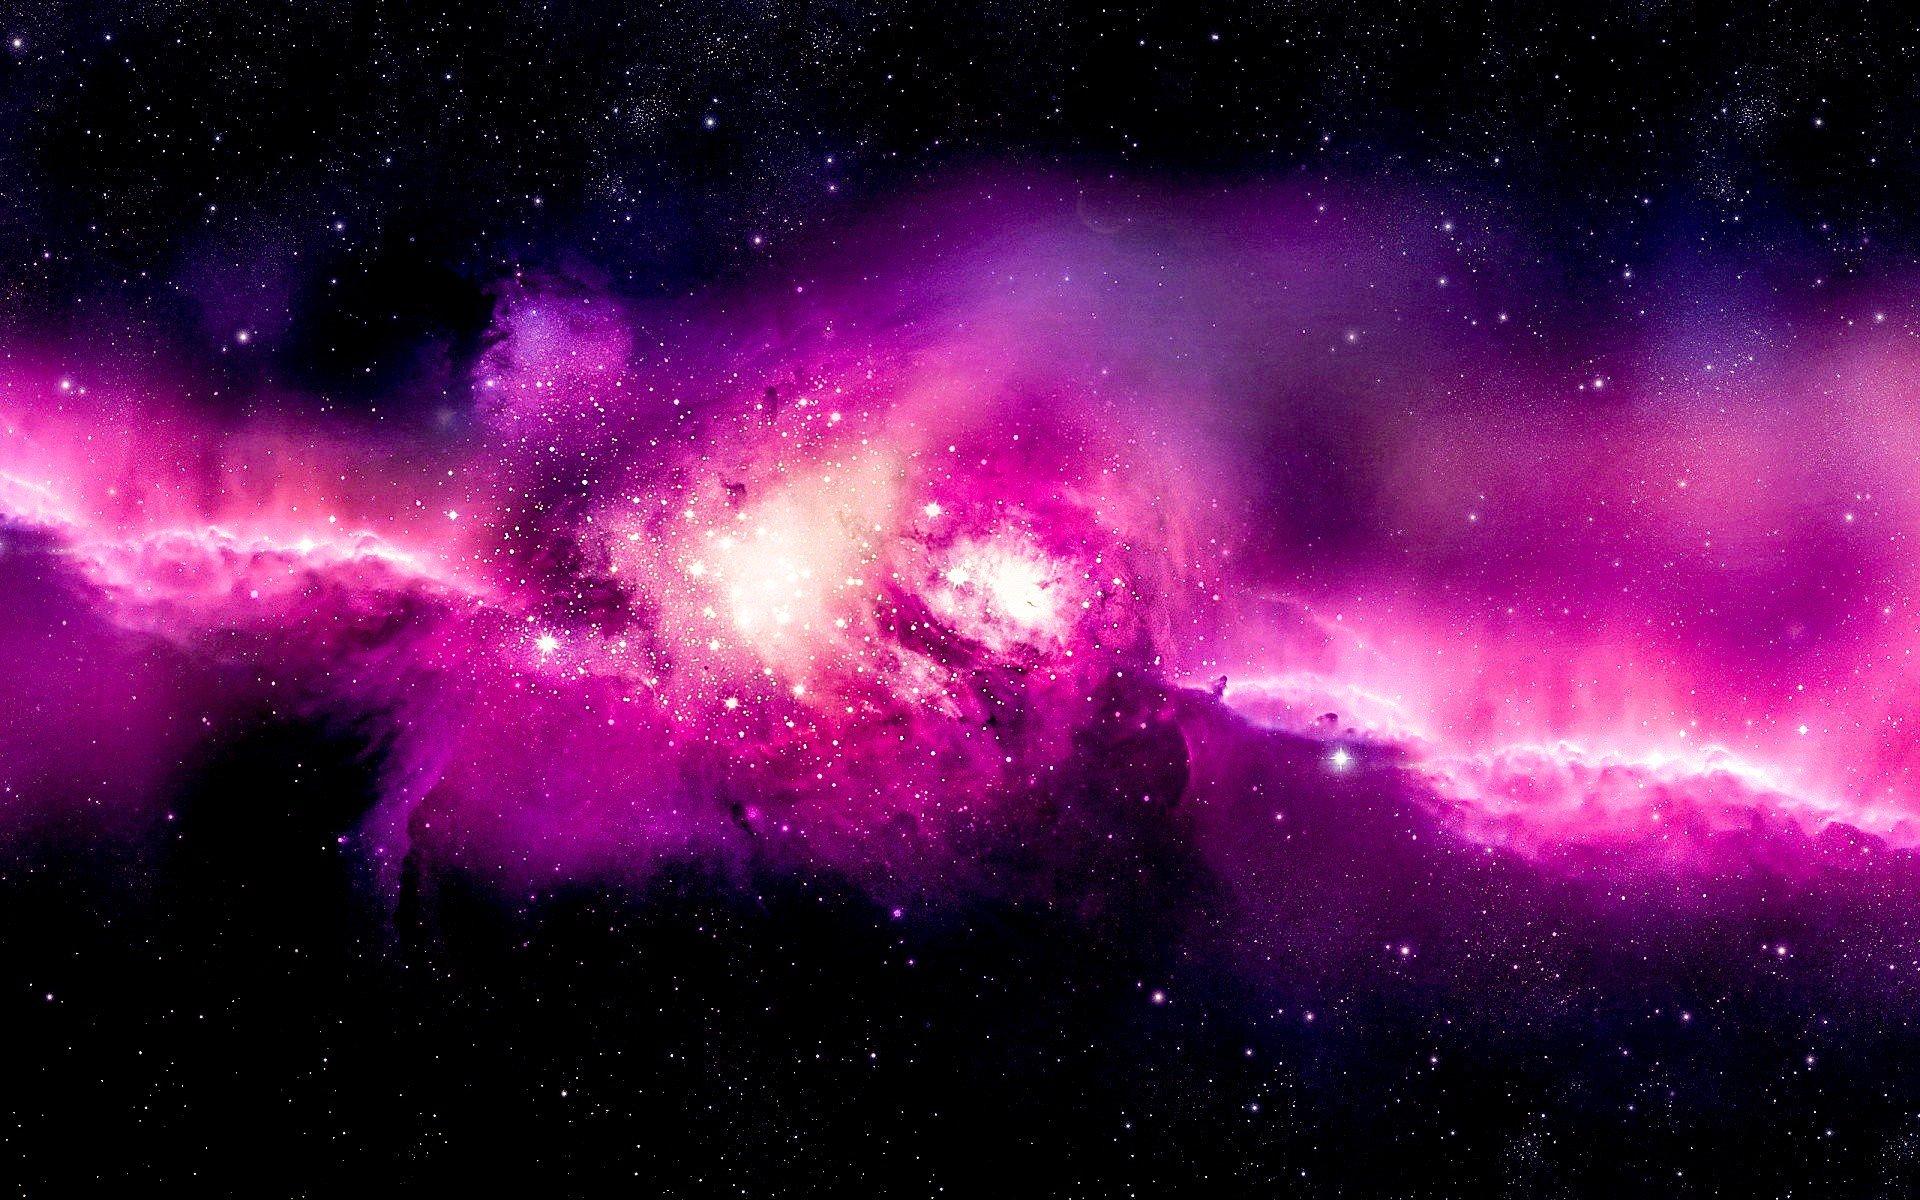 Spiral Galaxy Art 4k Wallpapers: Andromeda, Spiral Galaxy, Space, Space Art HD Wallpapers